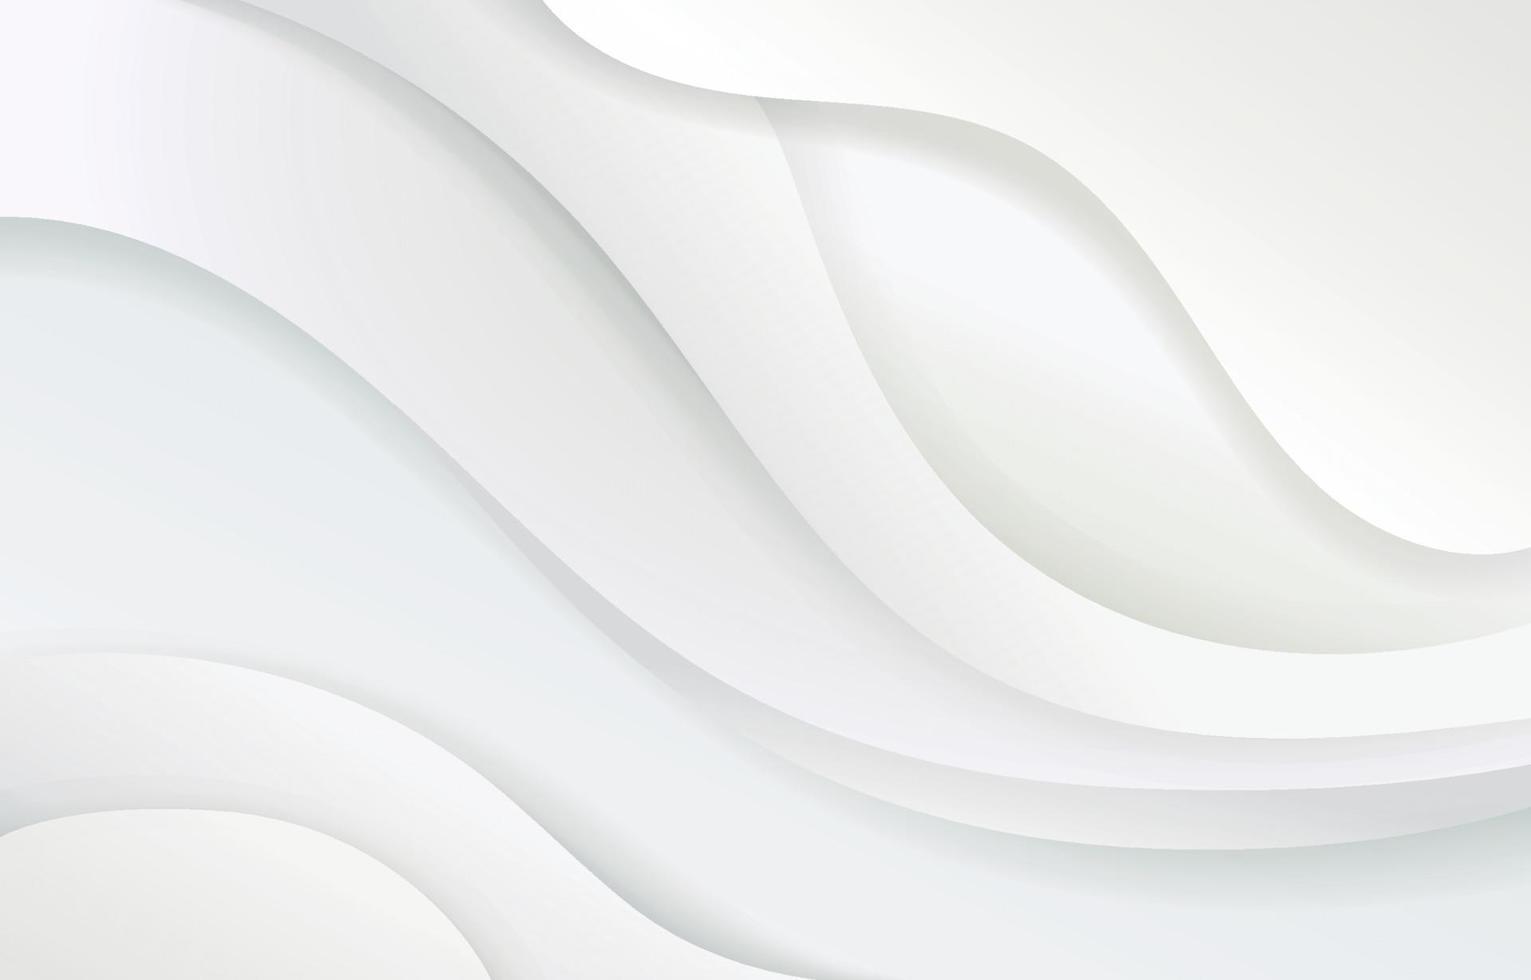 abstrakter weißer und grauer Farbhintergrund vektor